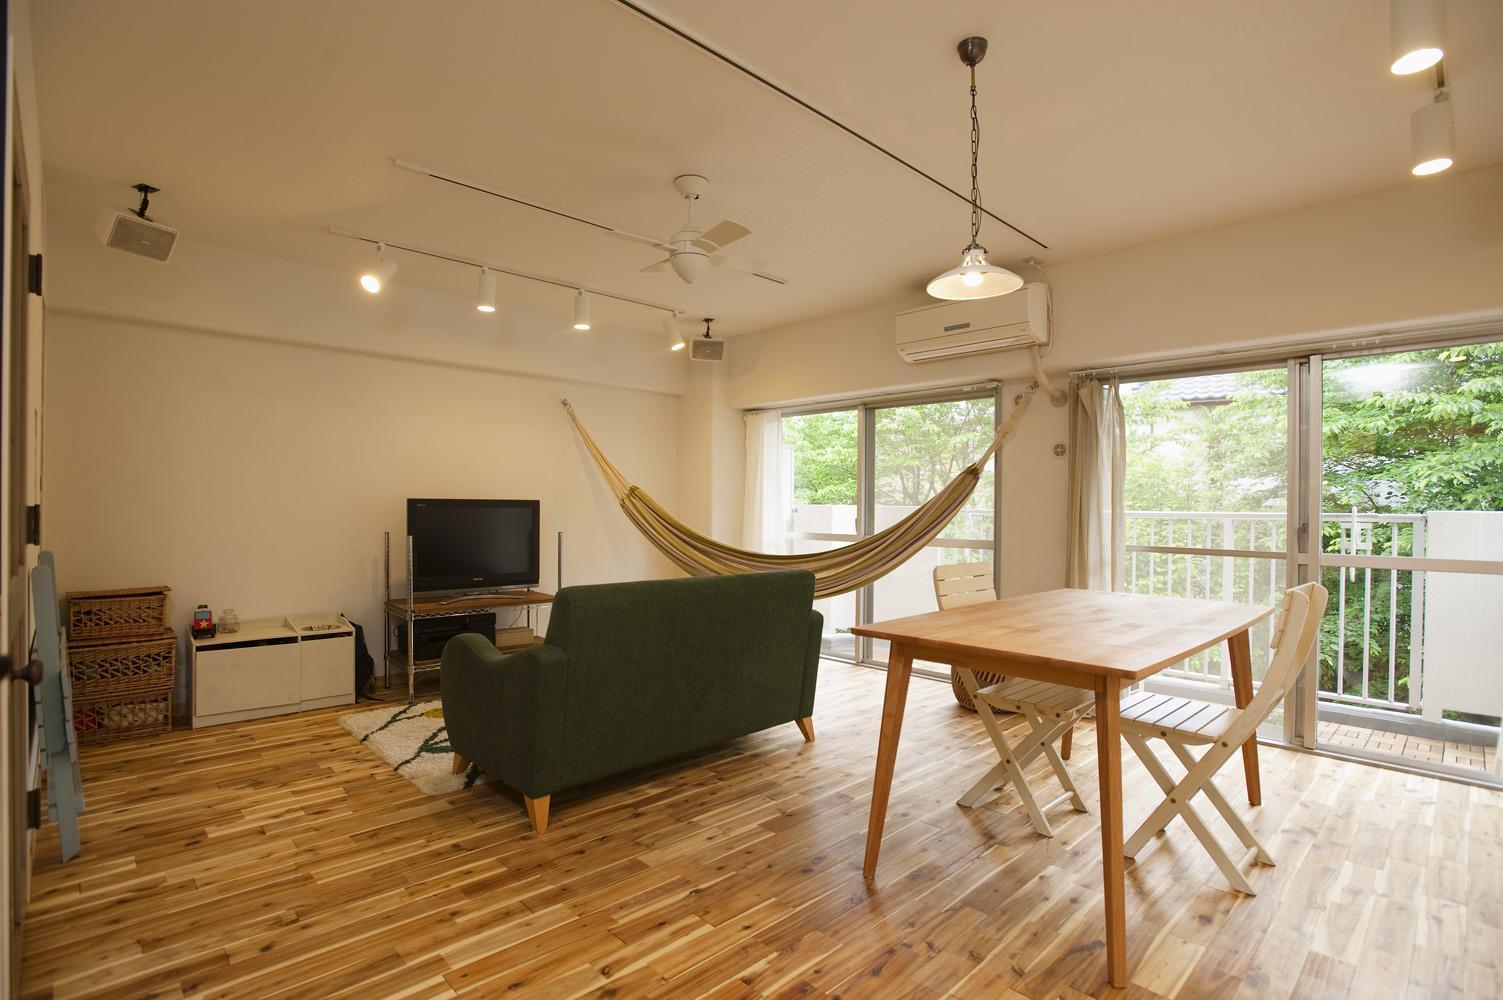 リノベーション・リフォーム会社:スタイル工房「H邸・ハンモックのゆれる、光と風のリビング」